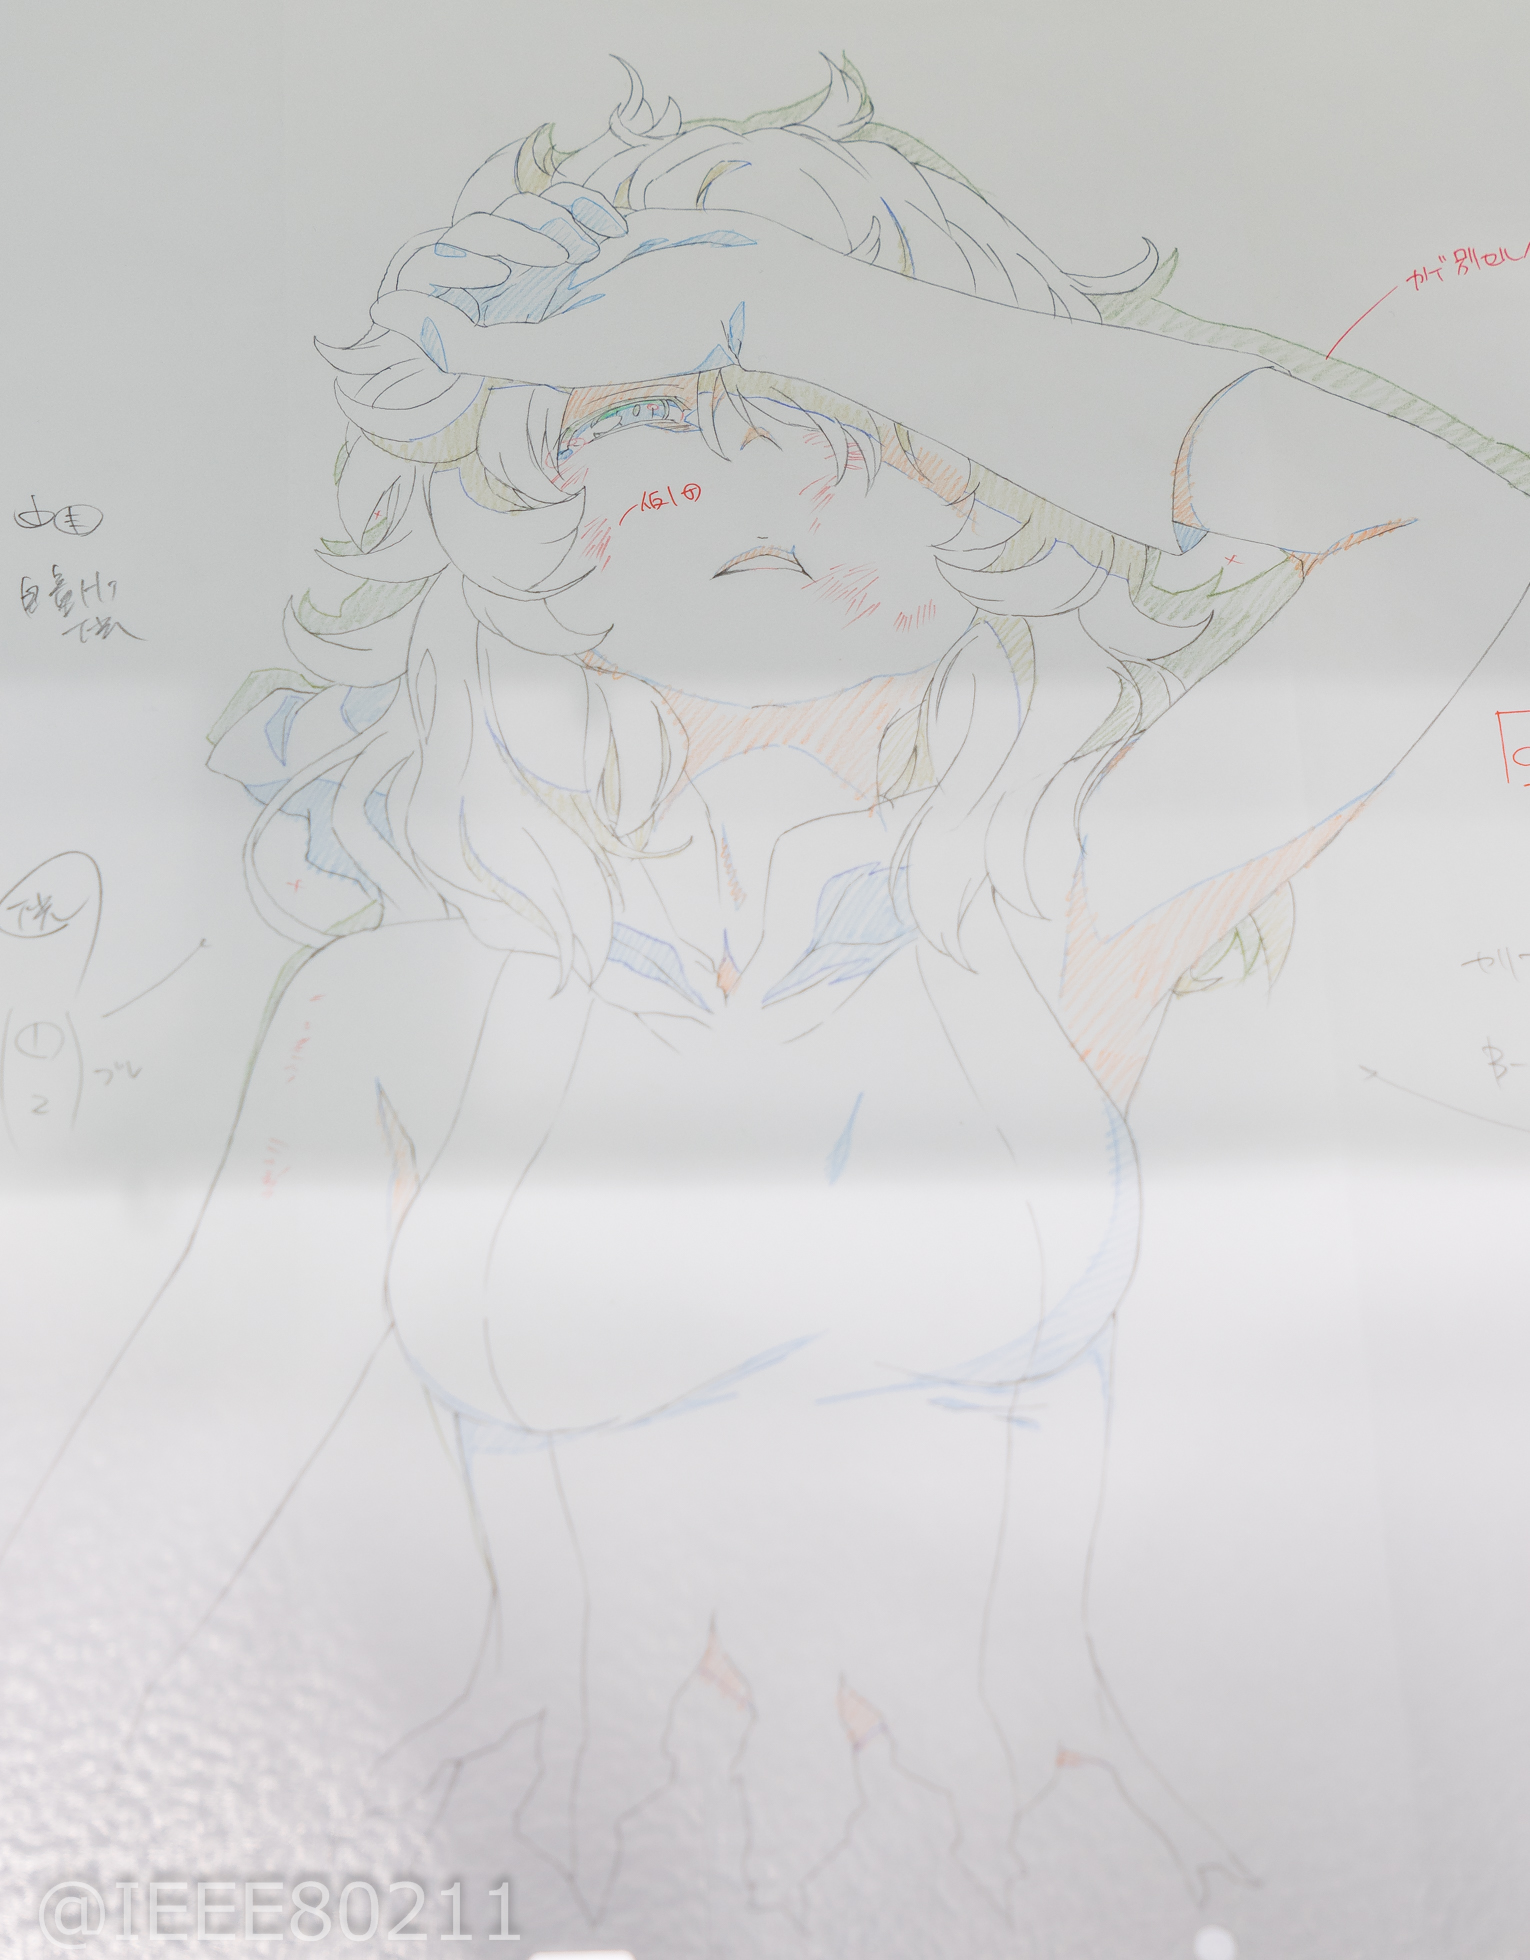 Dungeon ni Deai wo Motomeru no wa Machigatteiru Darou ka Danmachi Exhibition in Akiba Previewed 020